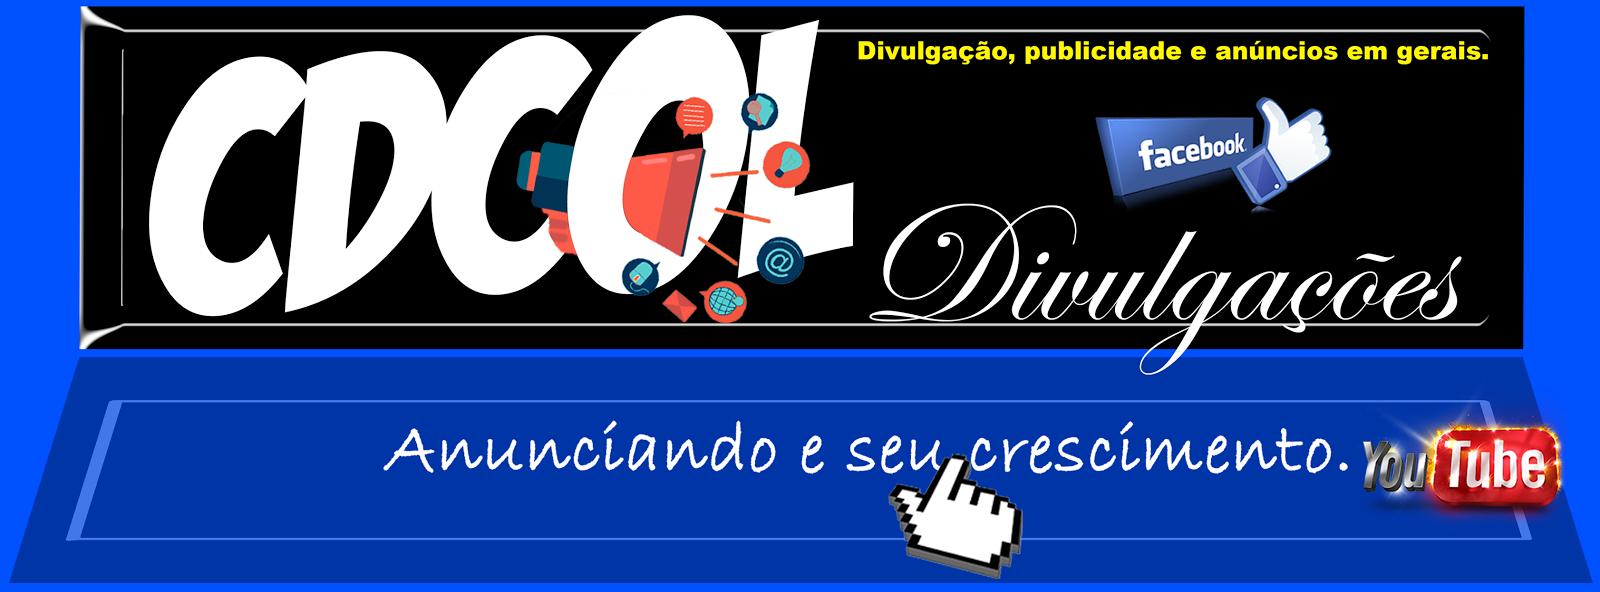 Divulgue sua marca no (CDCOL)